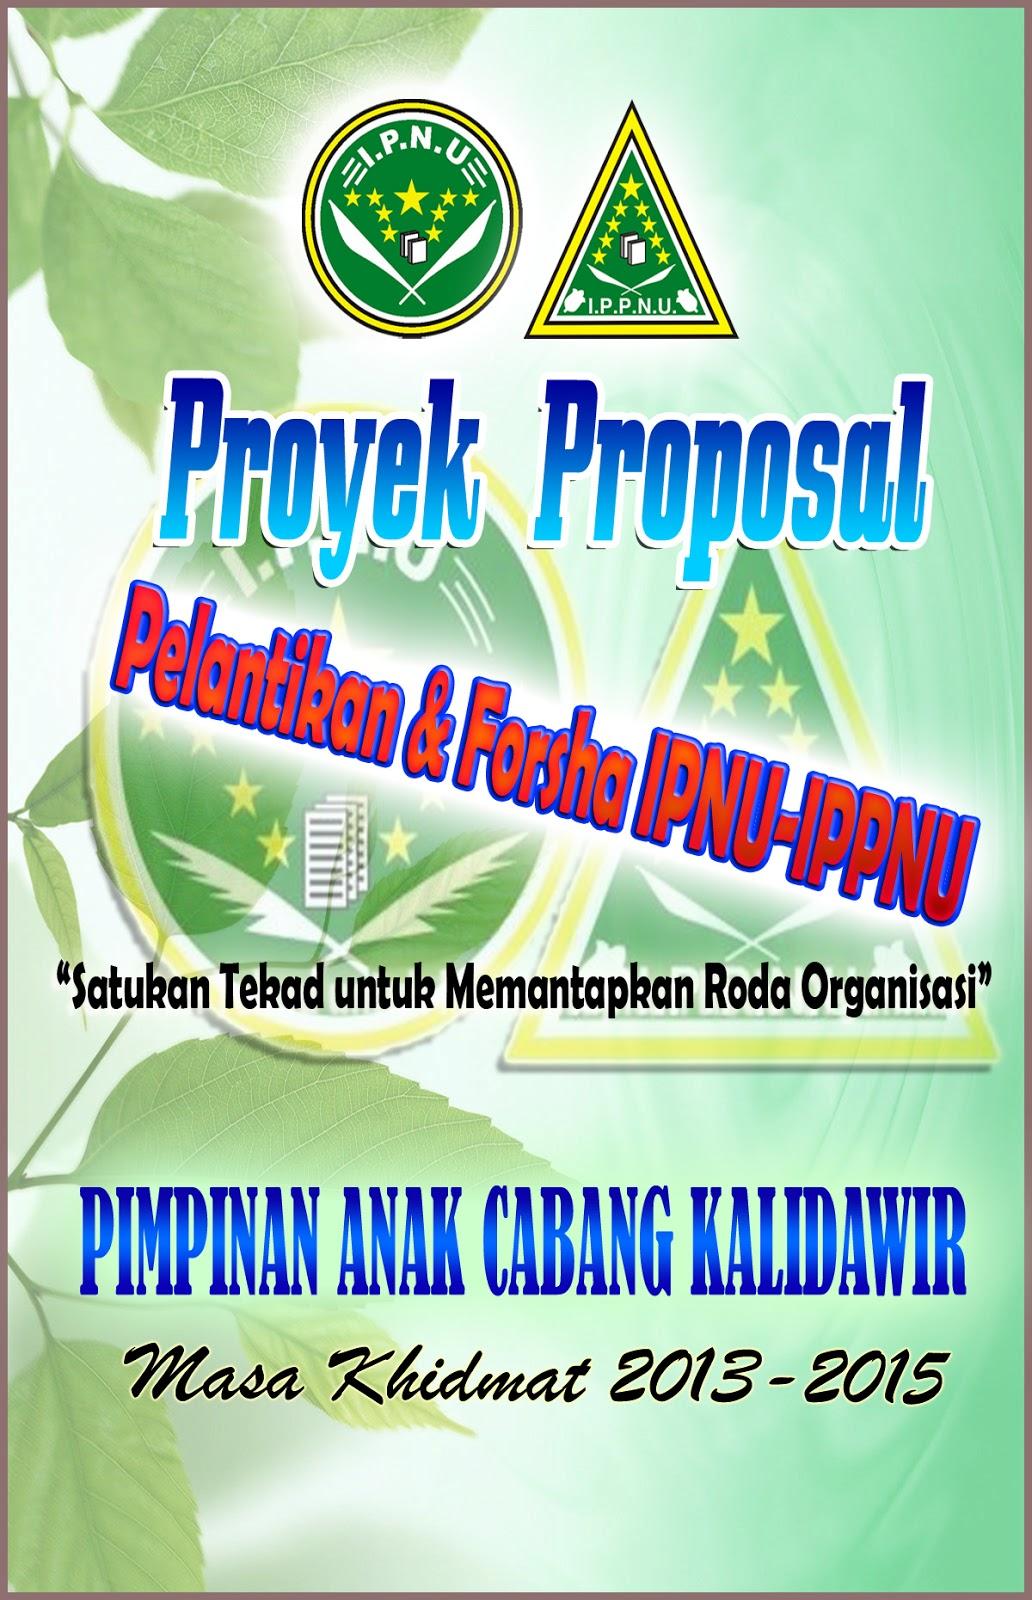 Proposal Pelantikan Ipnu Ippnu